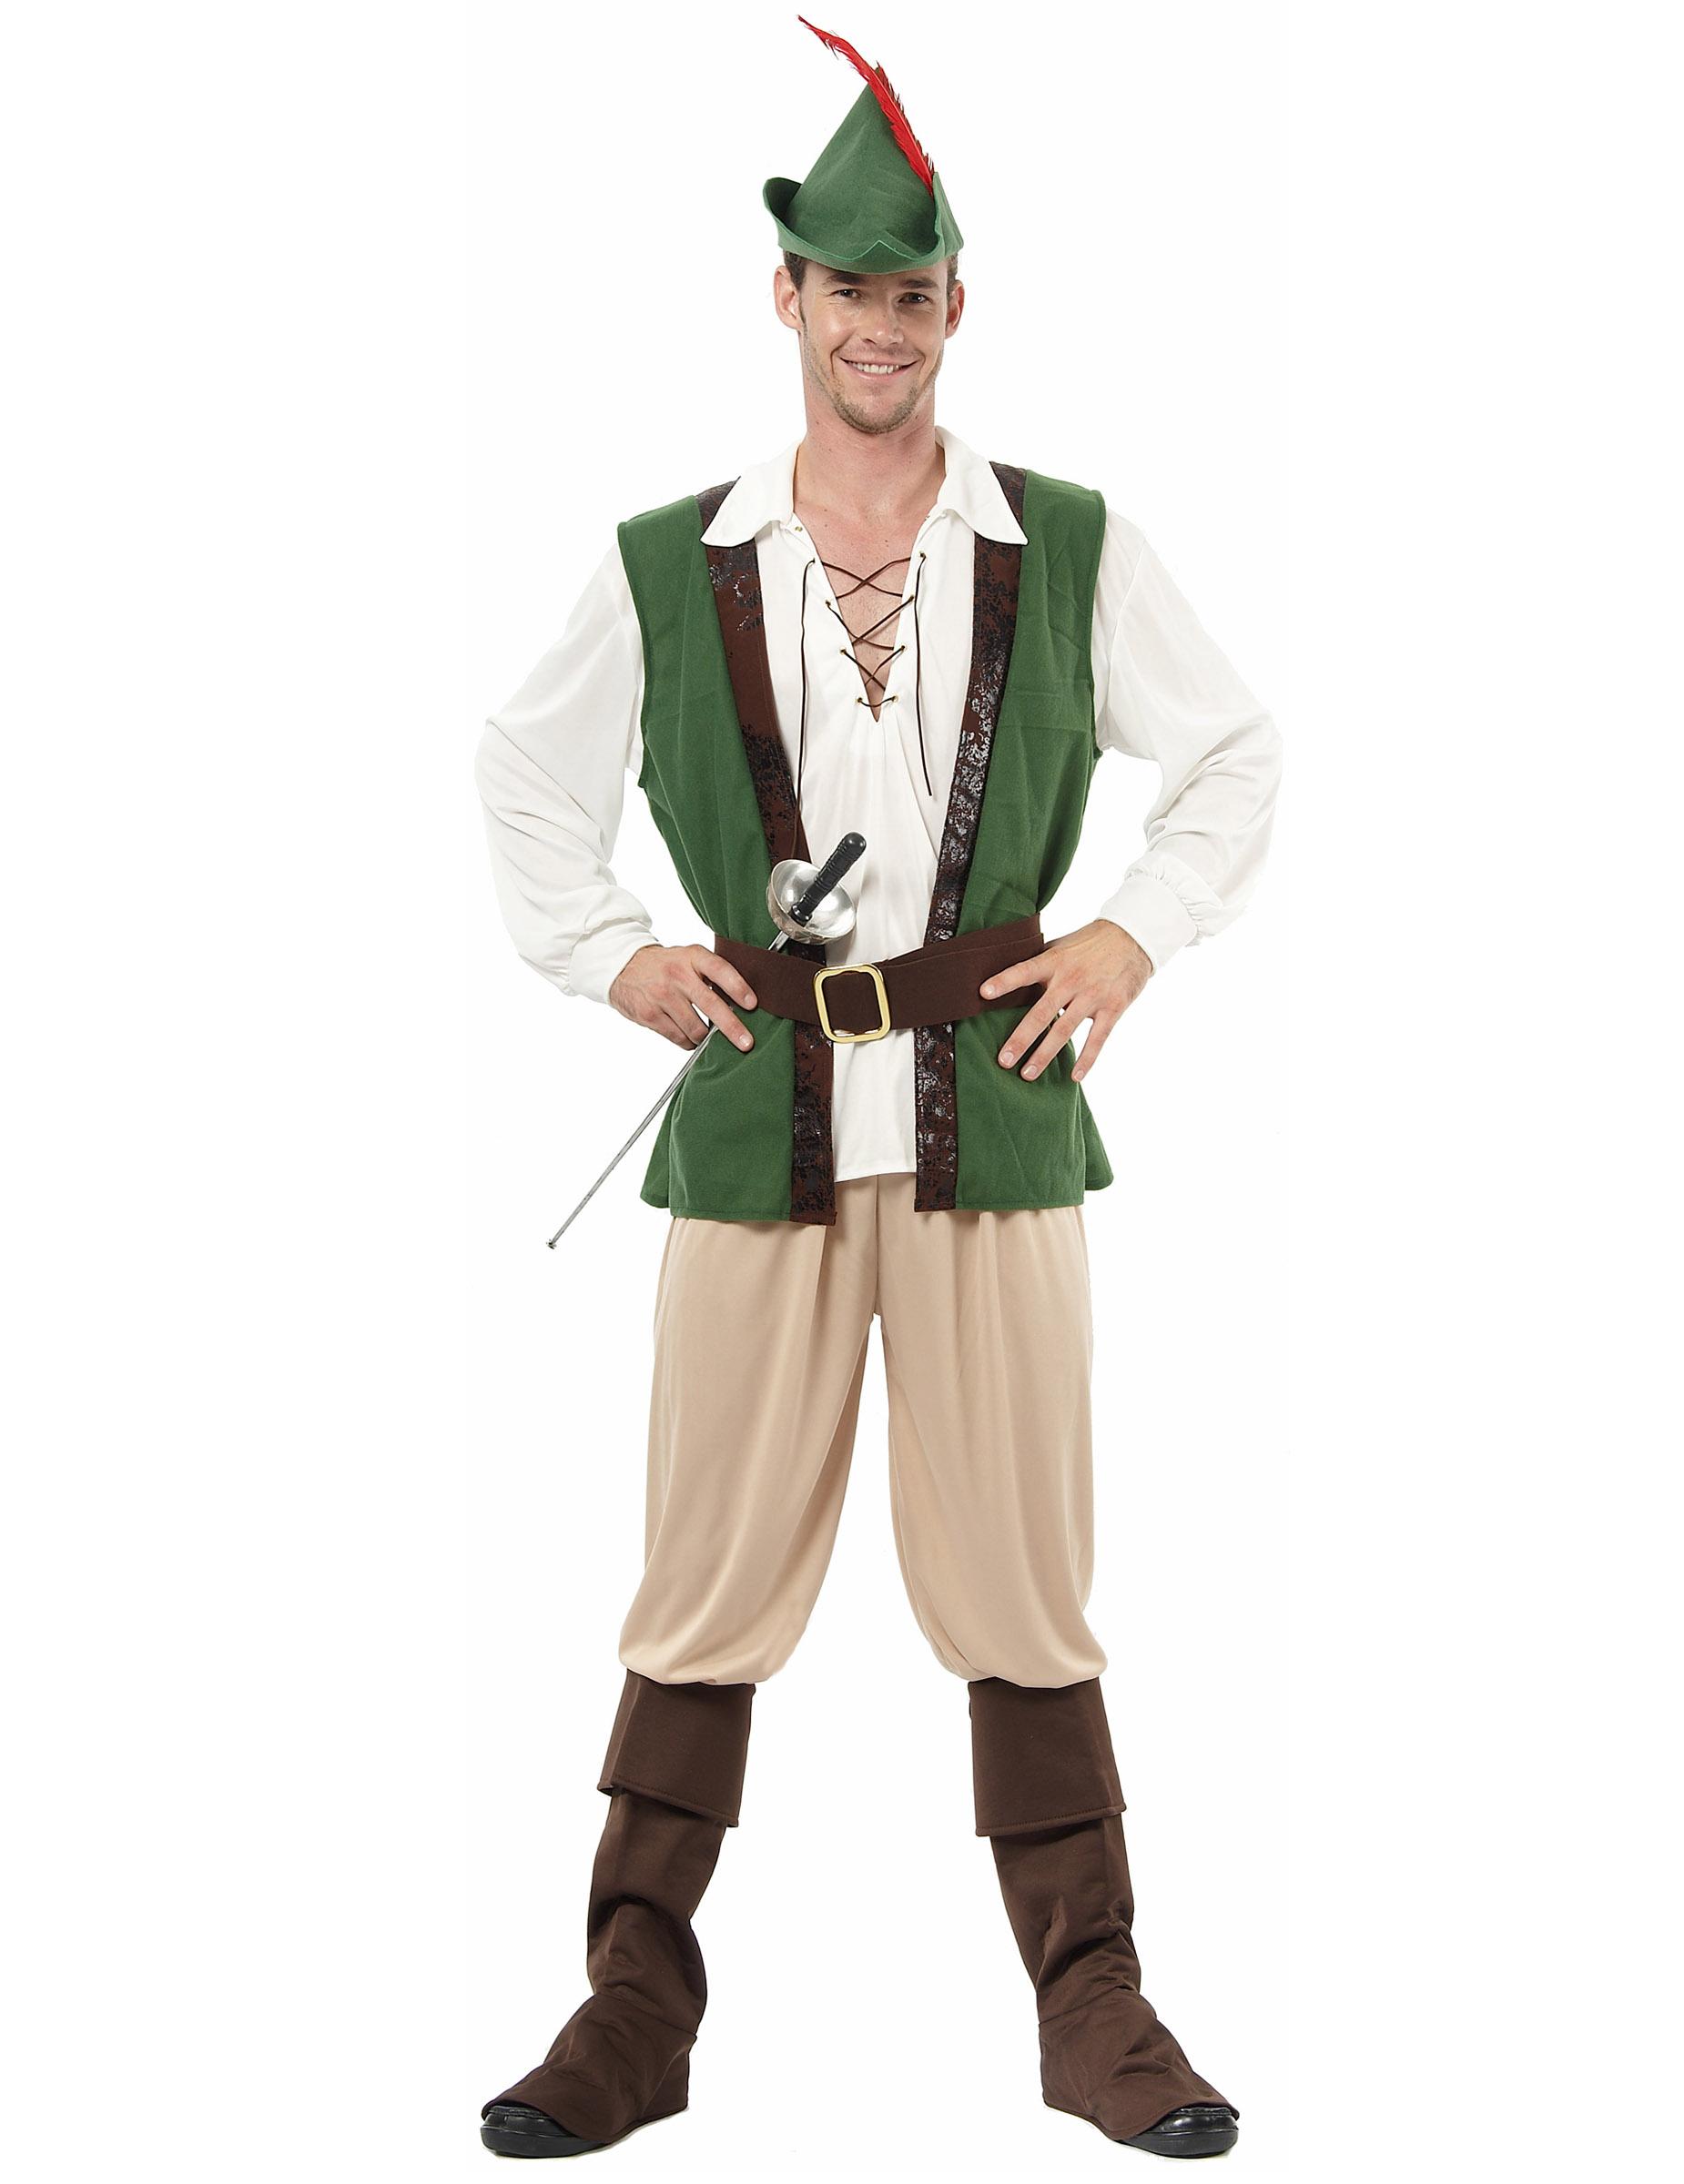 D guisement robin des bois homme d coration anniversaire - Deguisement robin des bois fille ...